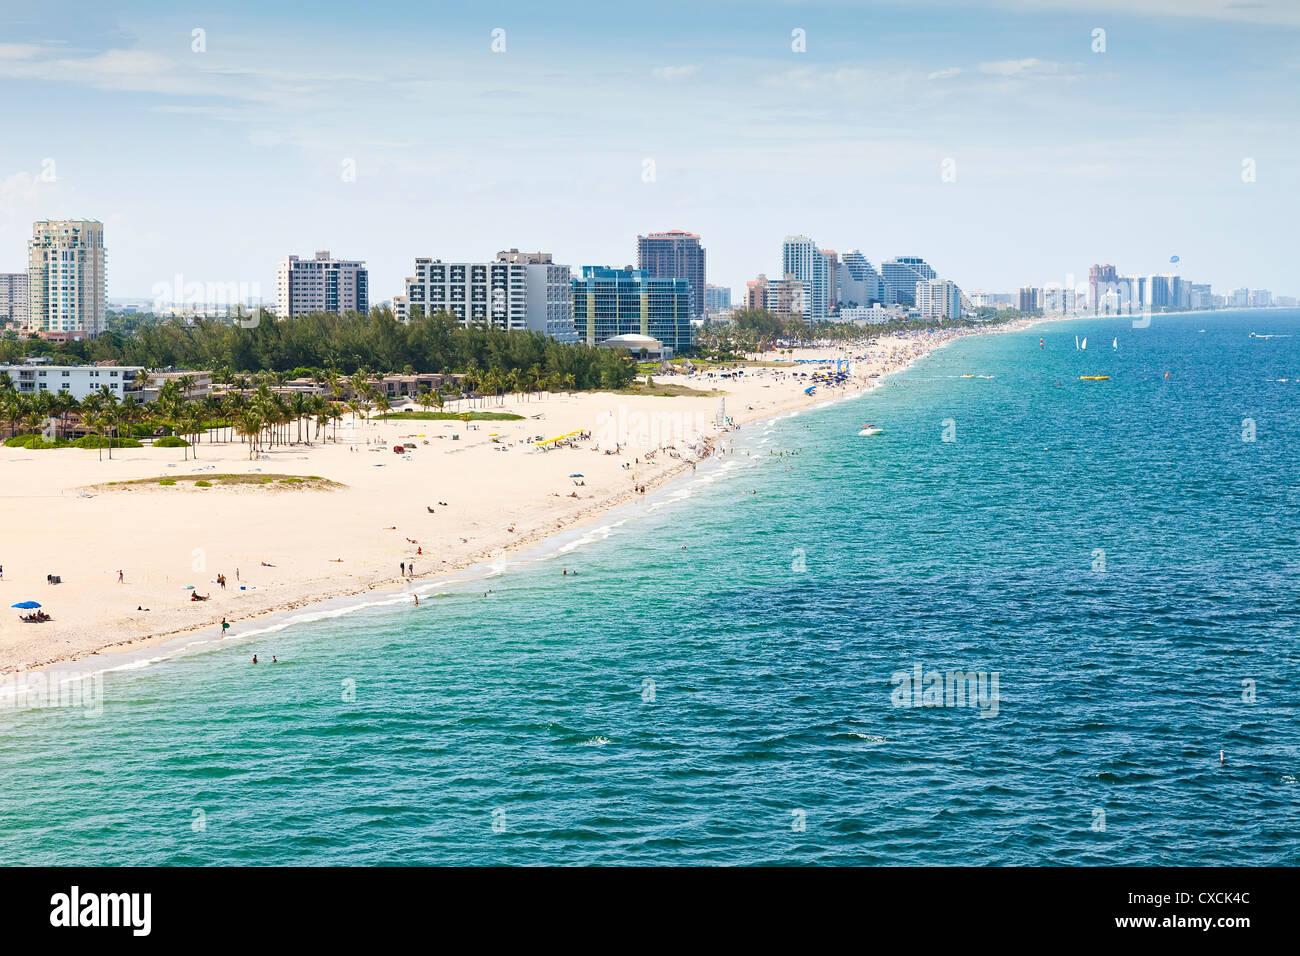 Luftbild von Fort Lauderdale Beach in ft. Lauderdale, Florida Stockbild